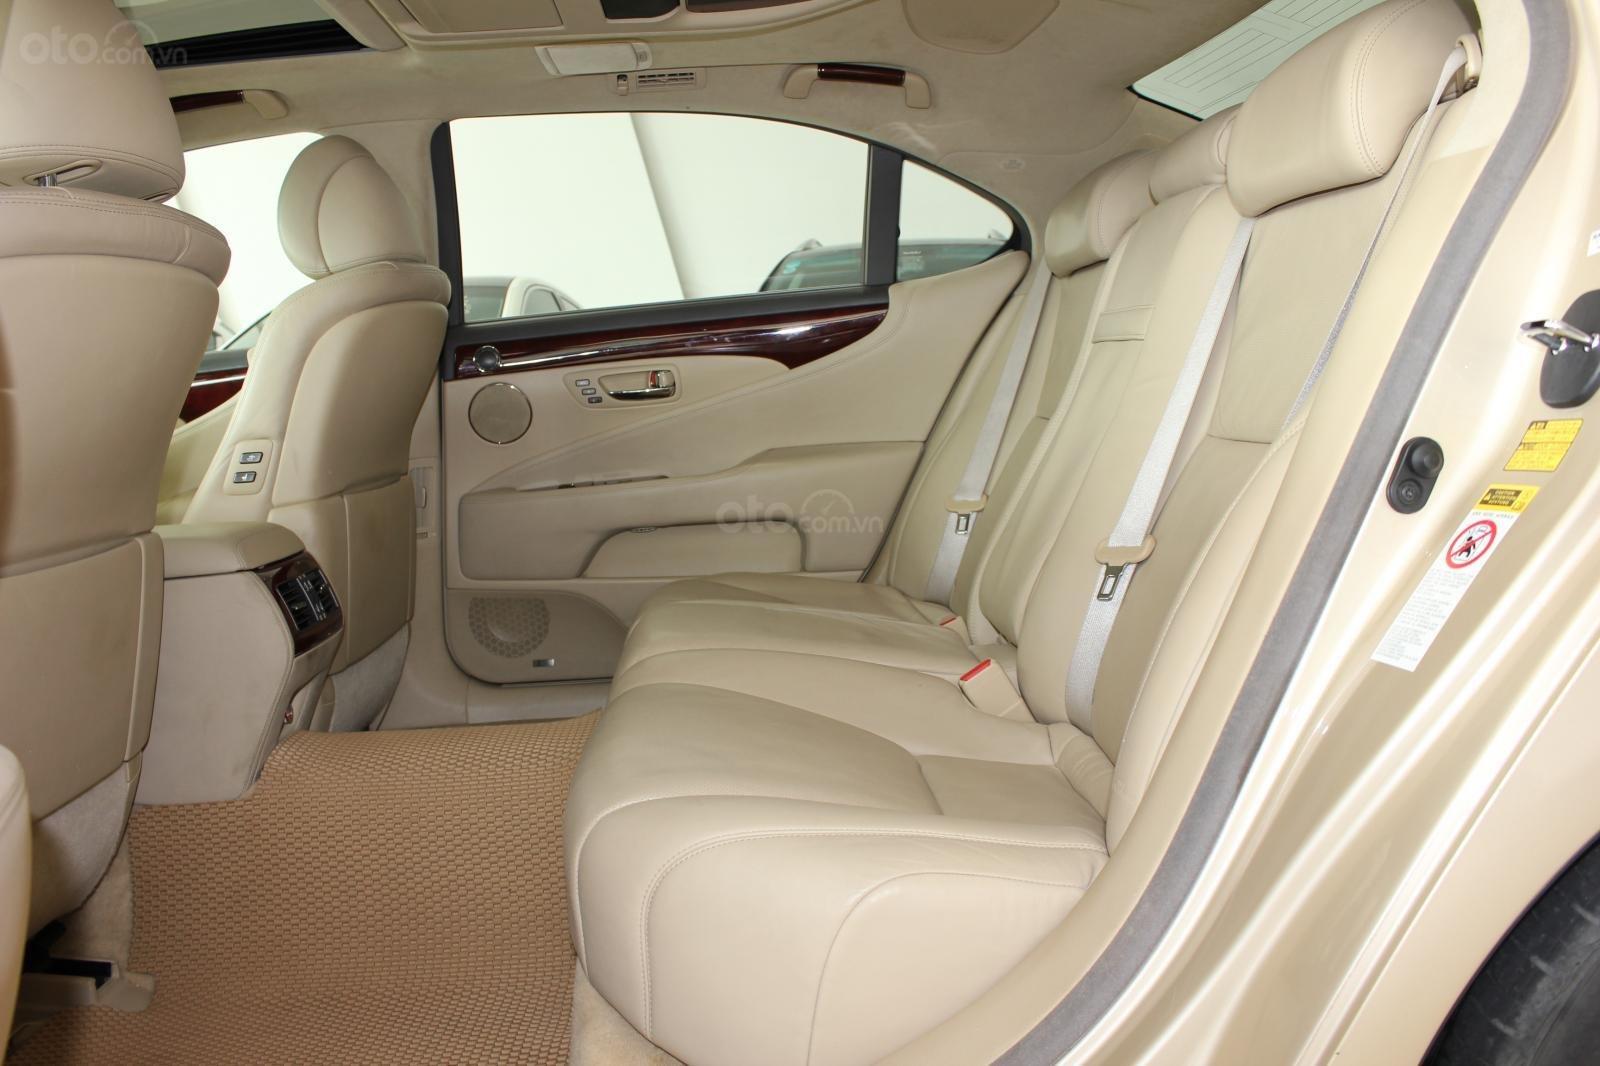 Cần bán xe Lexus LS 600HL 5.0 xăng điện 2008, màu vàng, nhập khẩu (10)